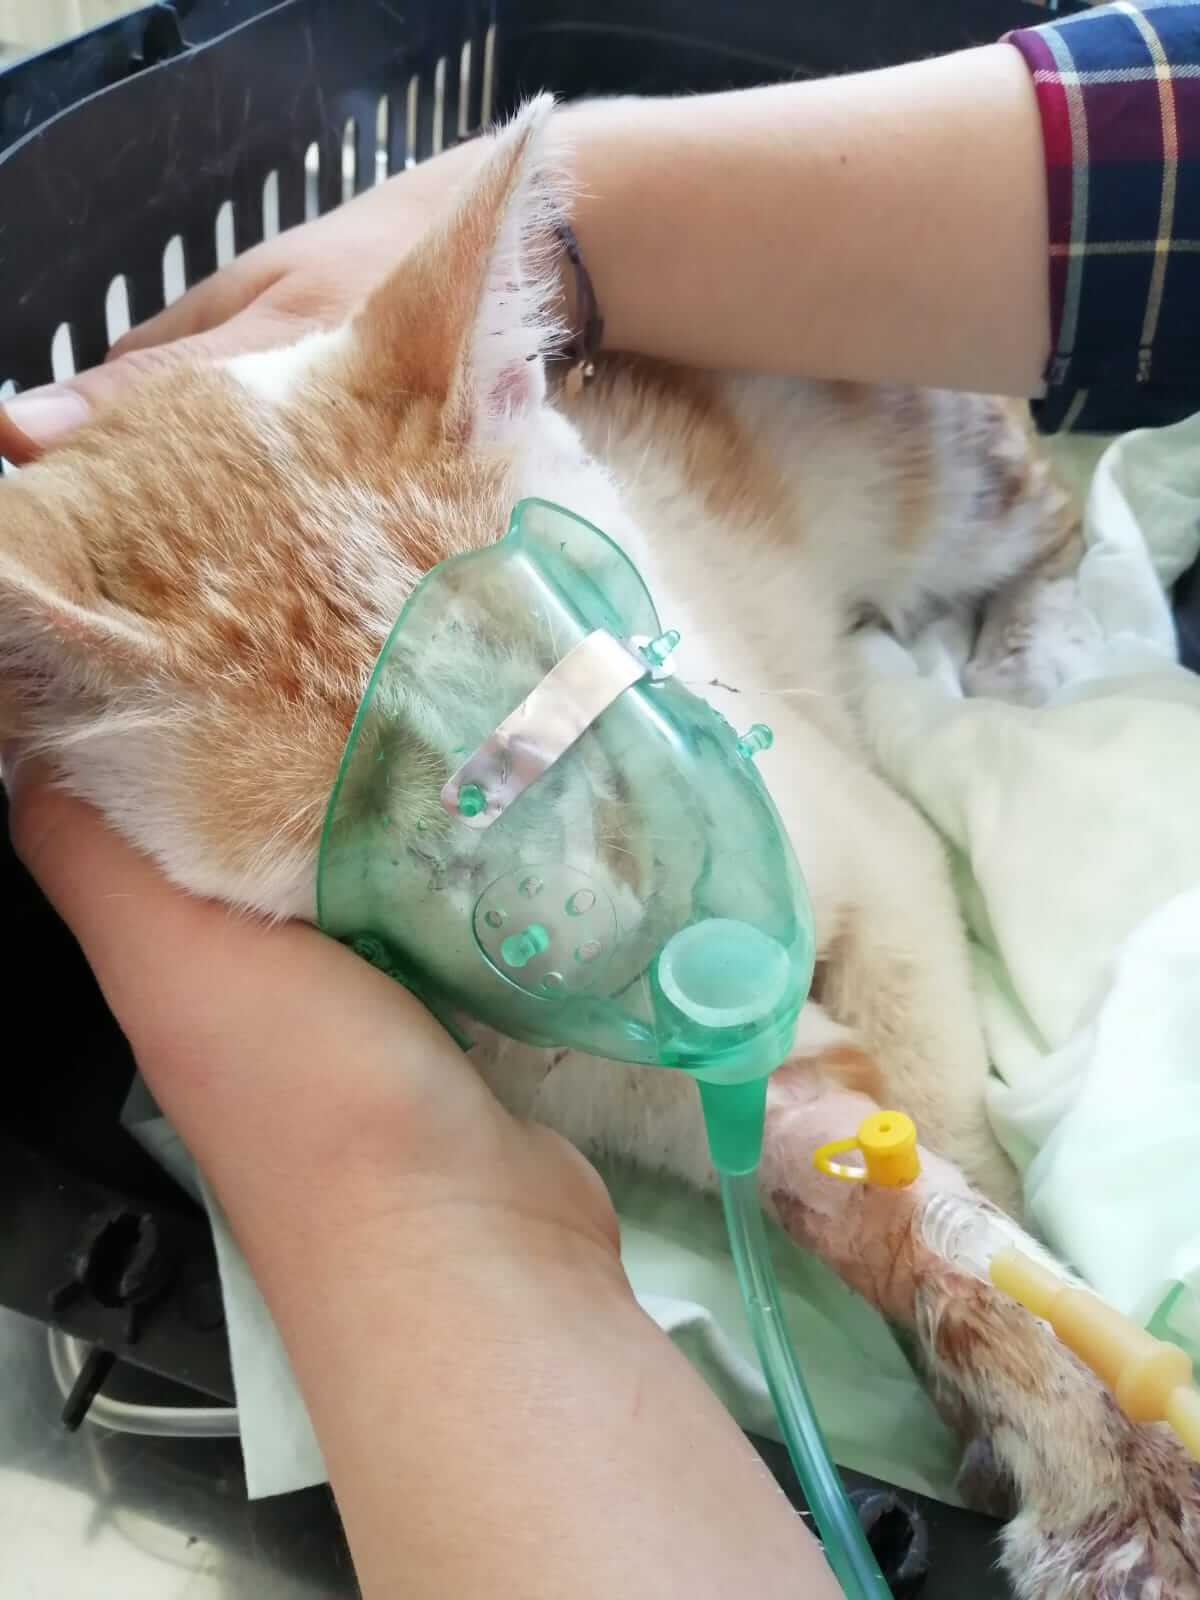 işkence gören kedi yaşam savaşı veriyor